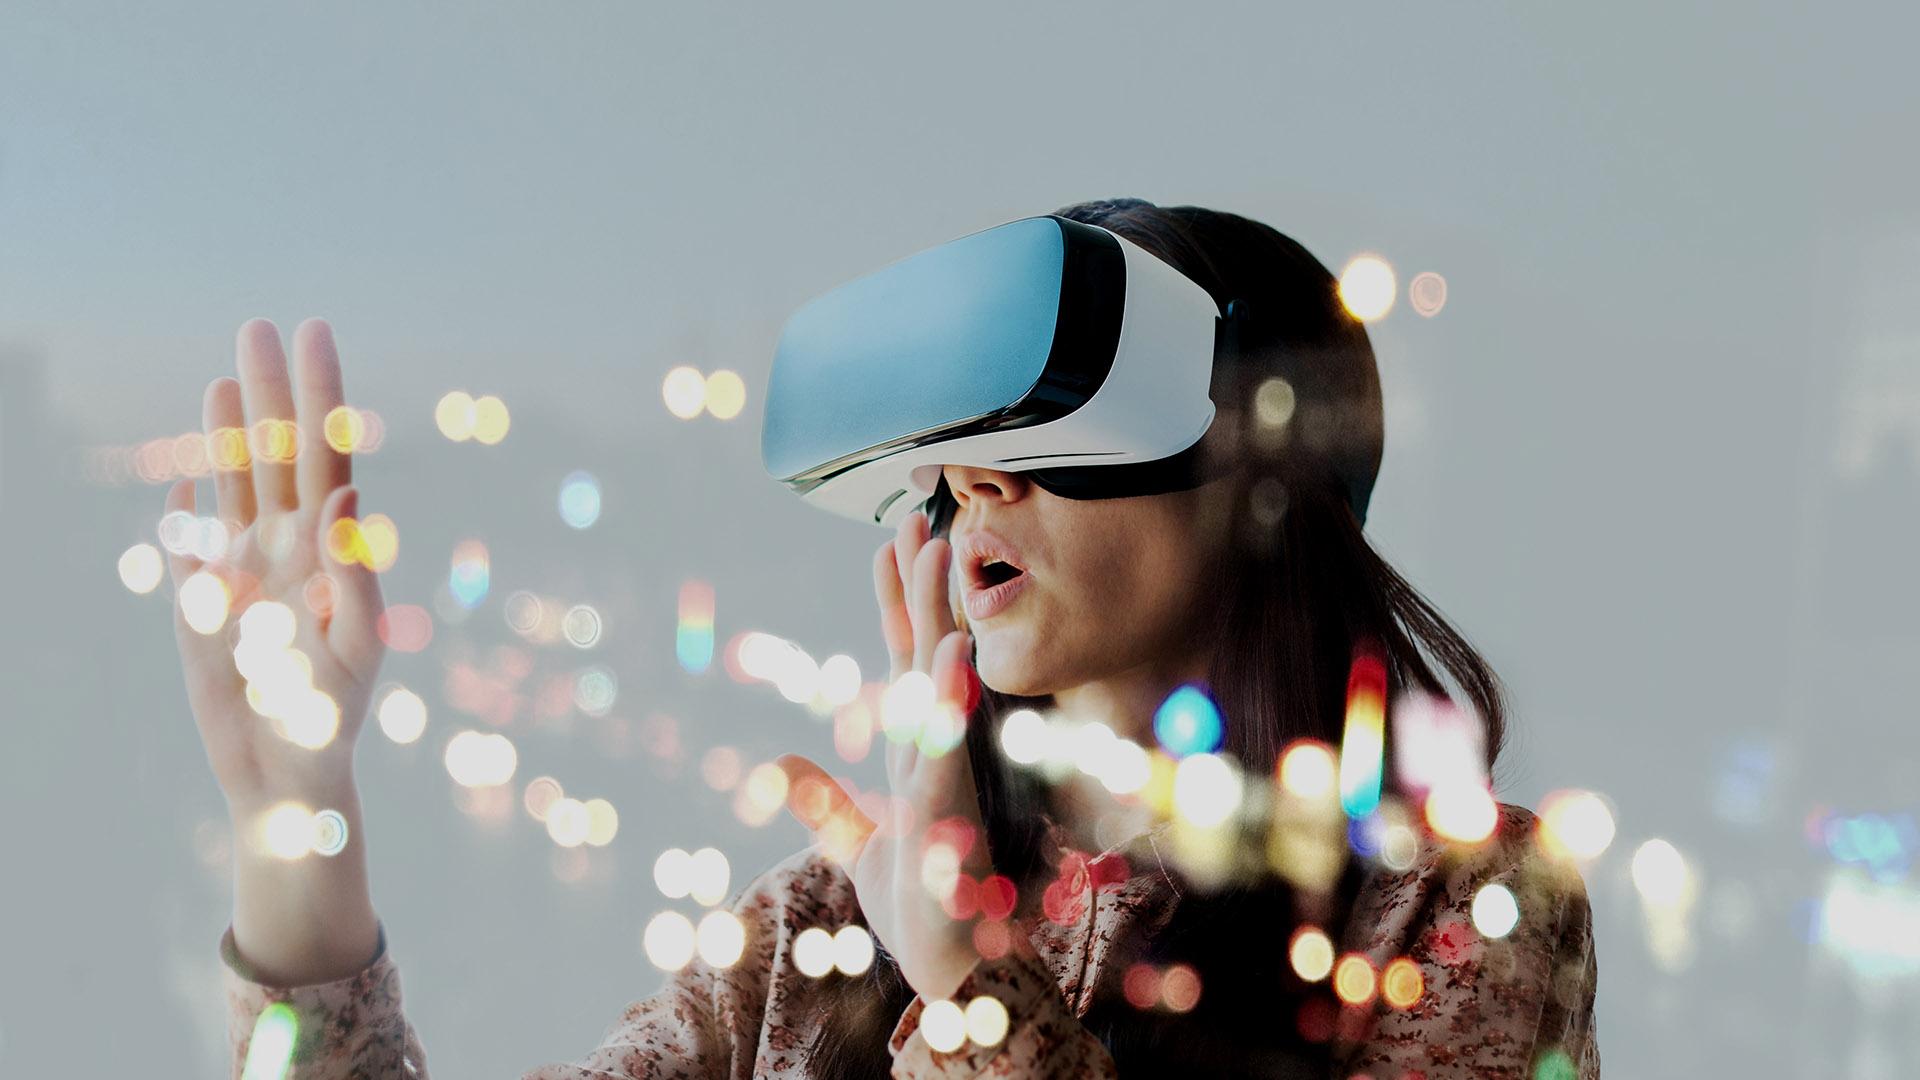 ¿Cuáles serán las principales tendencias tecnológicas durante 2019?